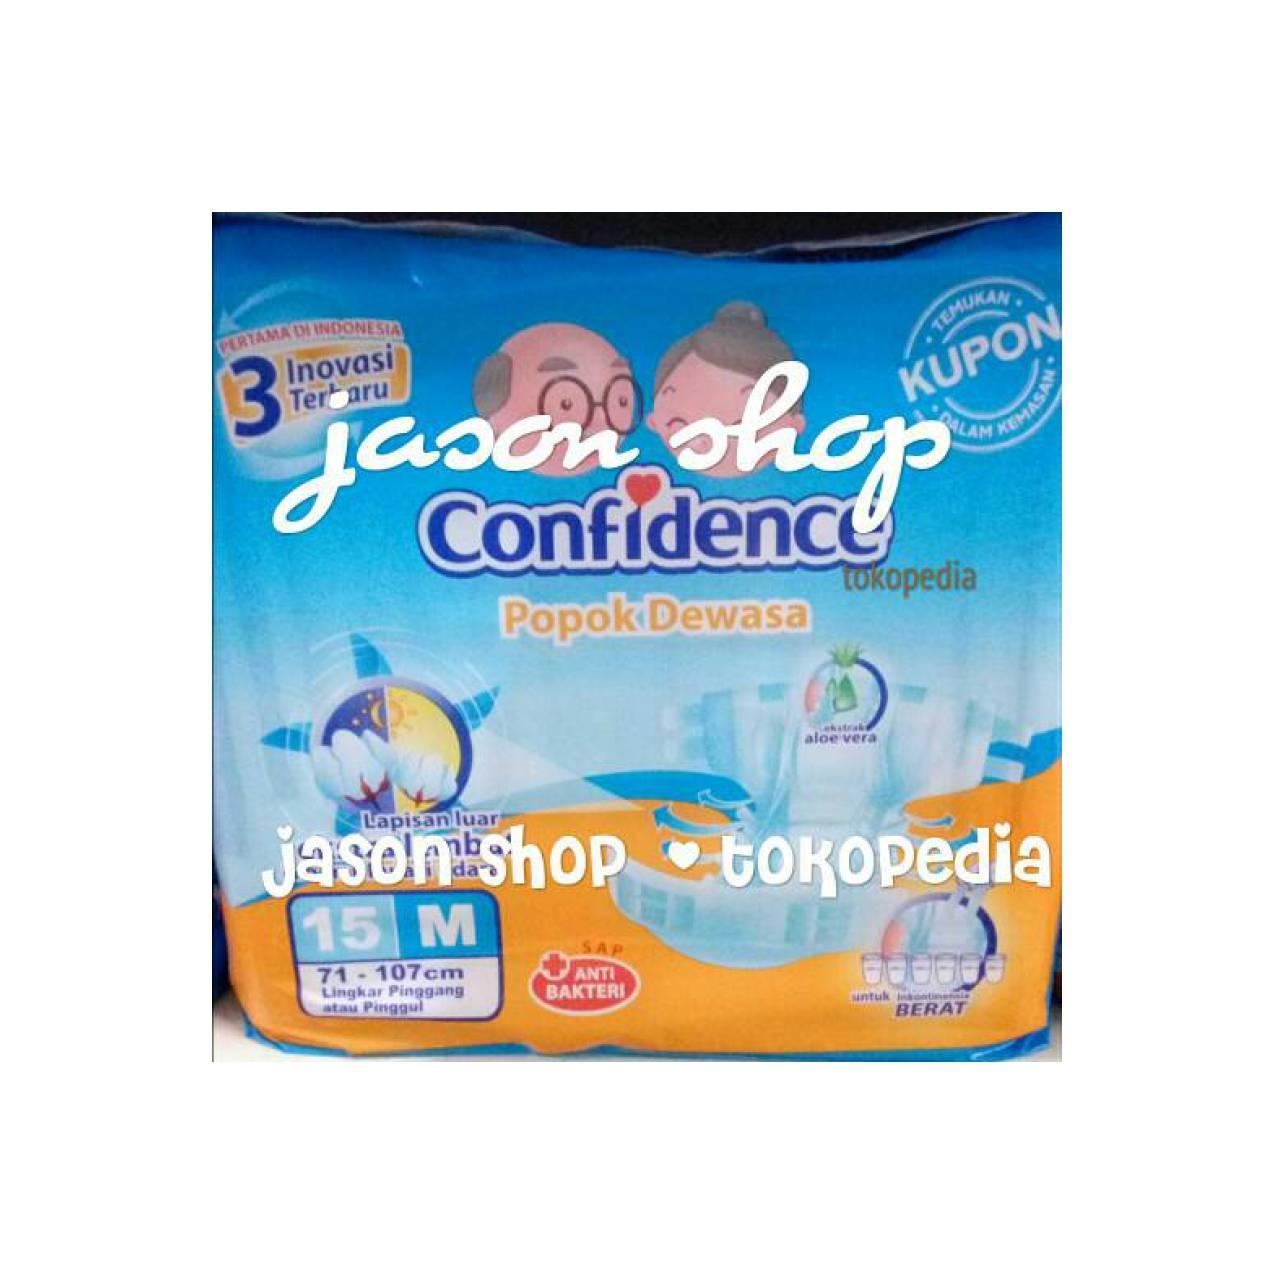 Pampers dewasa/Popok dewasa, orang tua Confidence uk.M15/L15 pcs